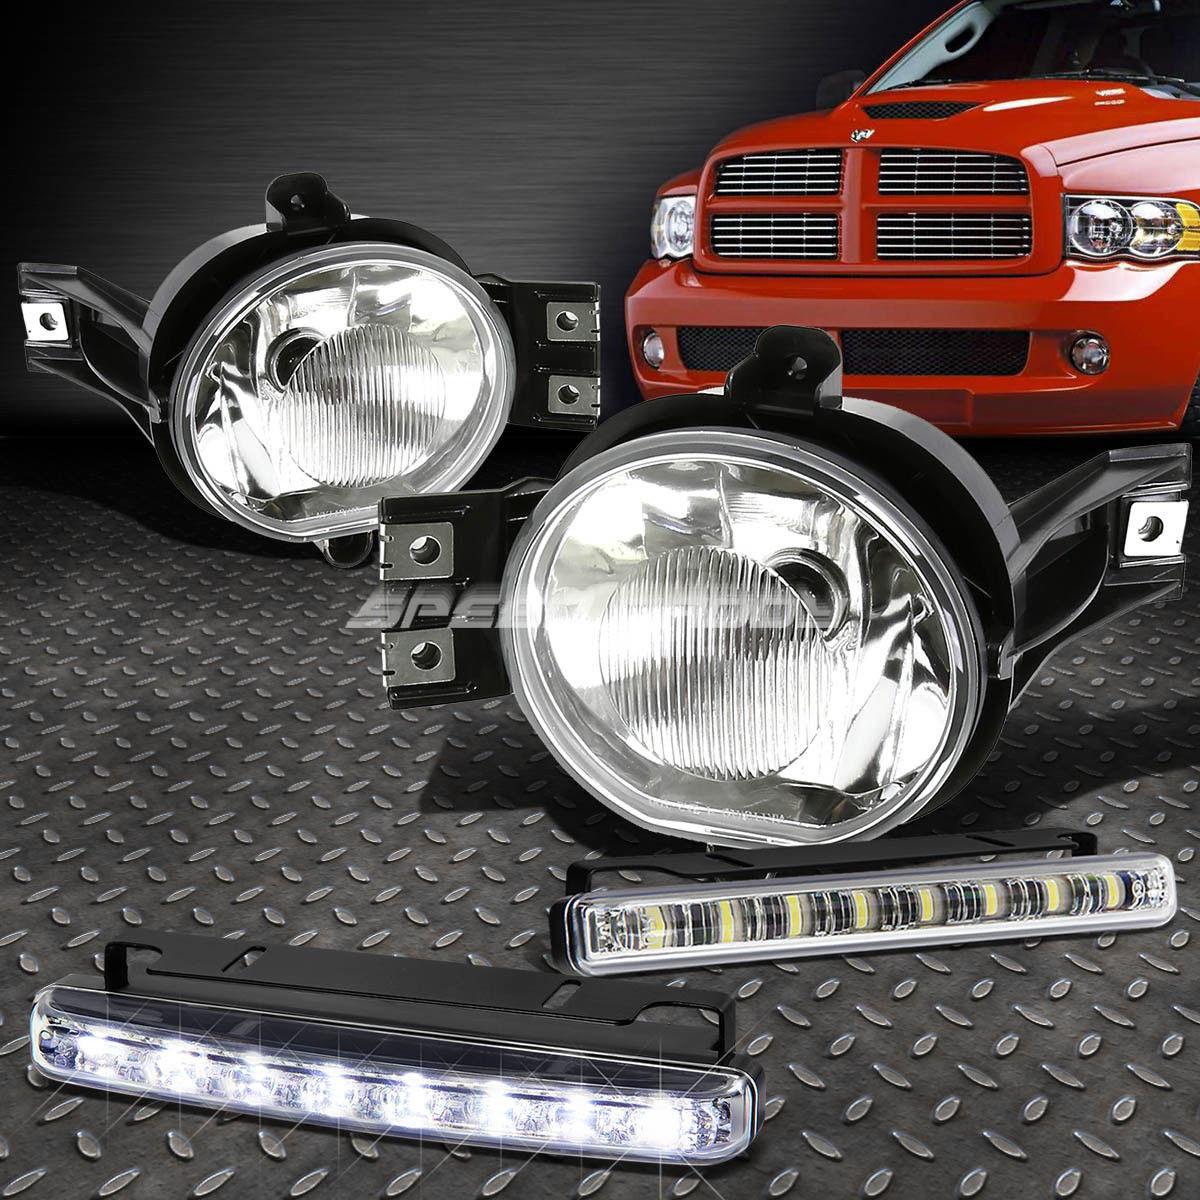 USフォグライト DRIVING CLEAR LENS DURANGO OE BUMPER FOG+LED DRIVING/ LIGHT+FOR 02-09 DODGE RAM/DURANGO クリアレンズOE BUMPER FOG + LED駆動ライト+ 02-09 DODGE RAM/ DURANGO, 乙部町:57645763 --- diadrasis.net